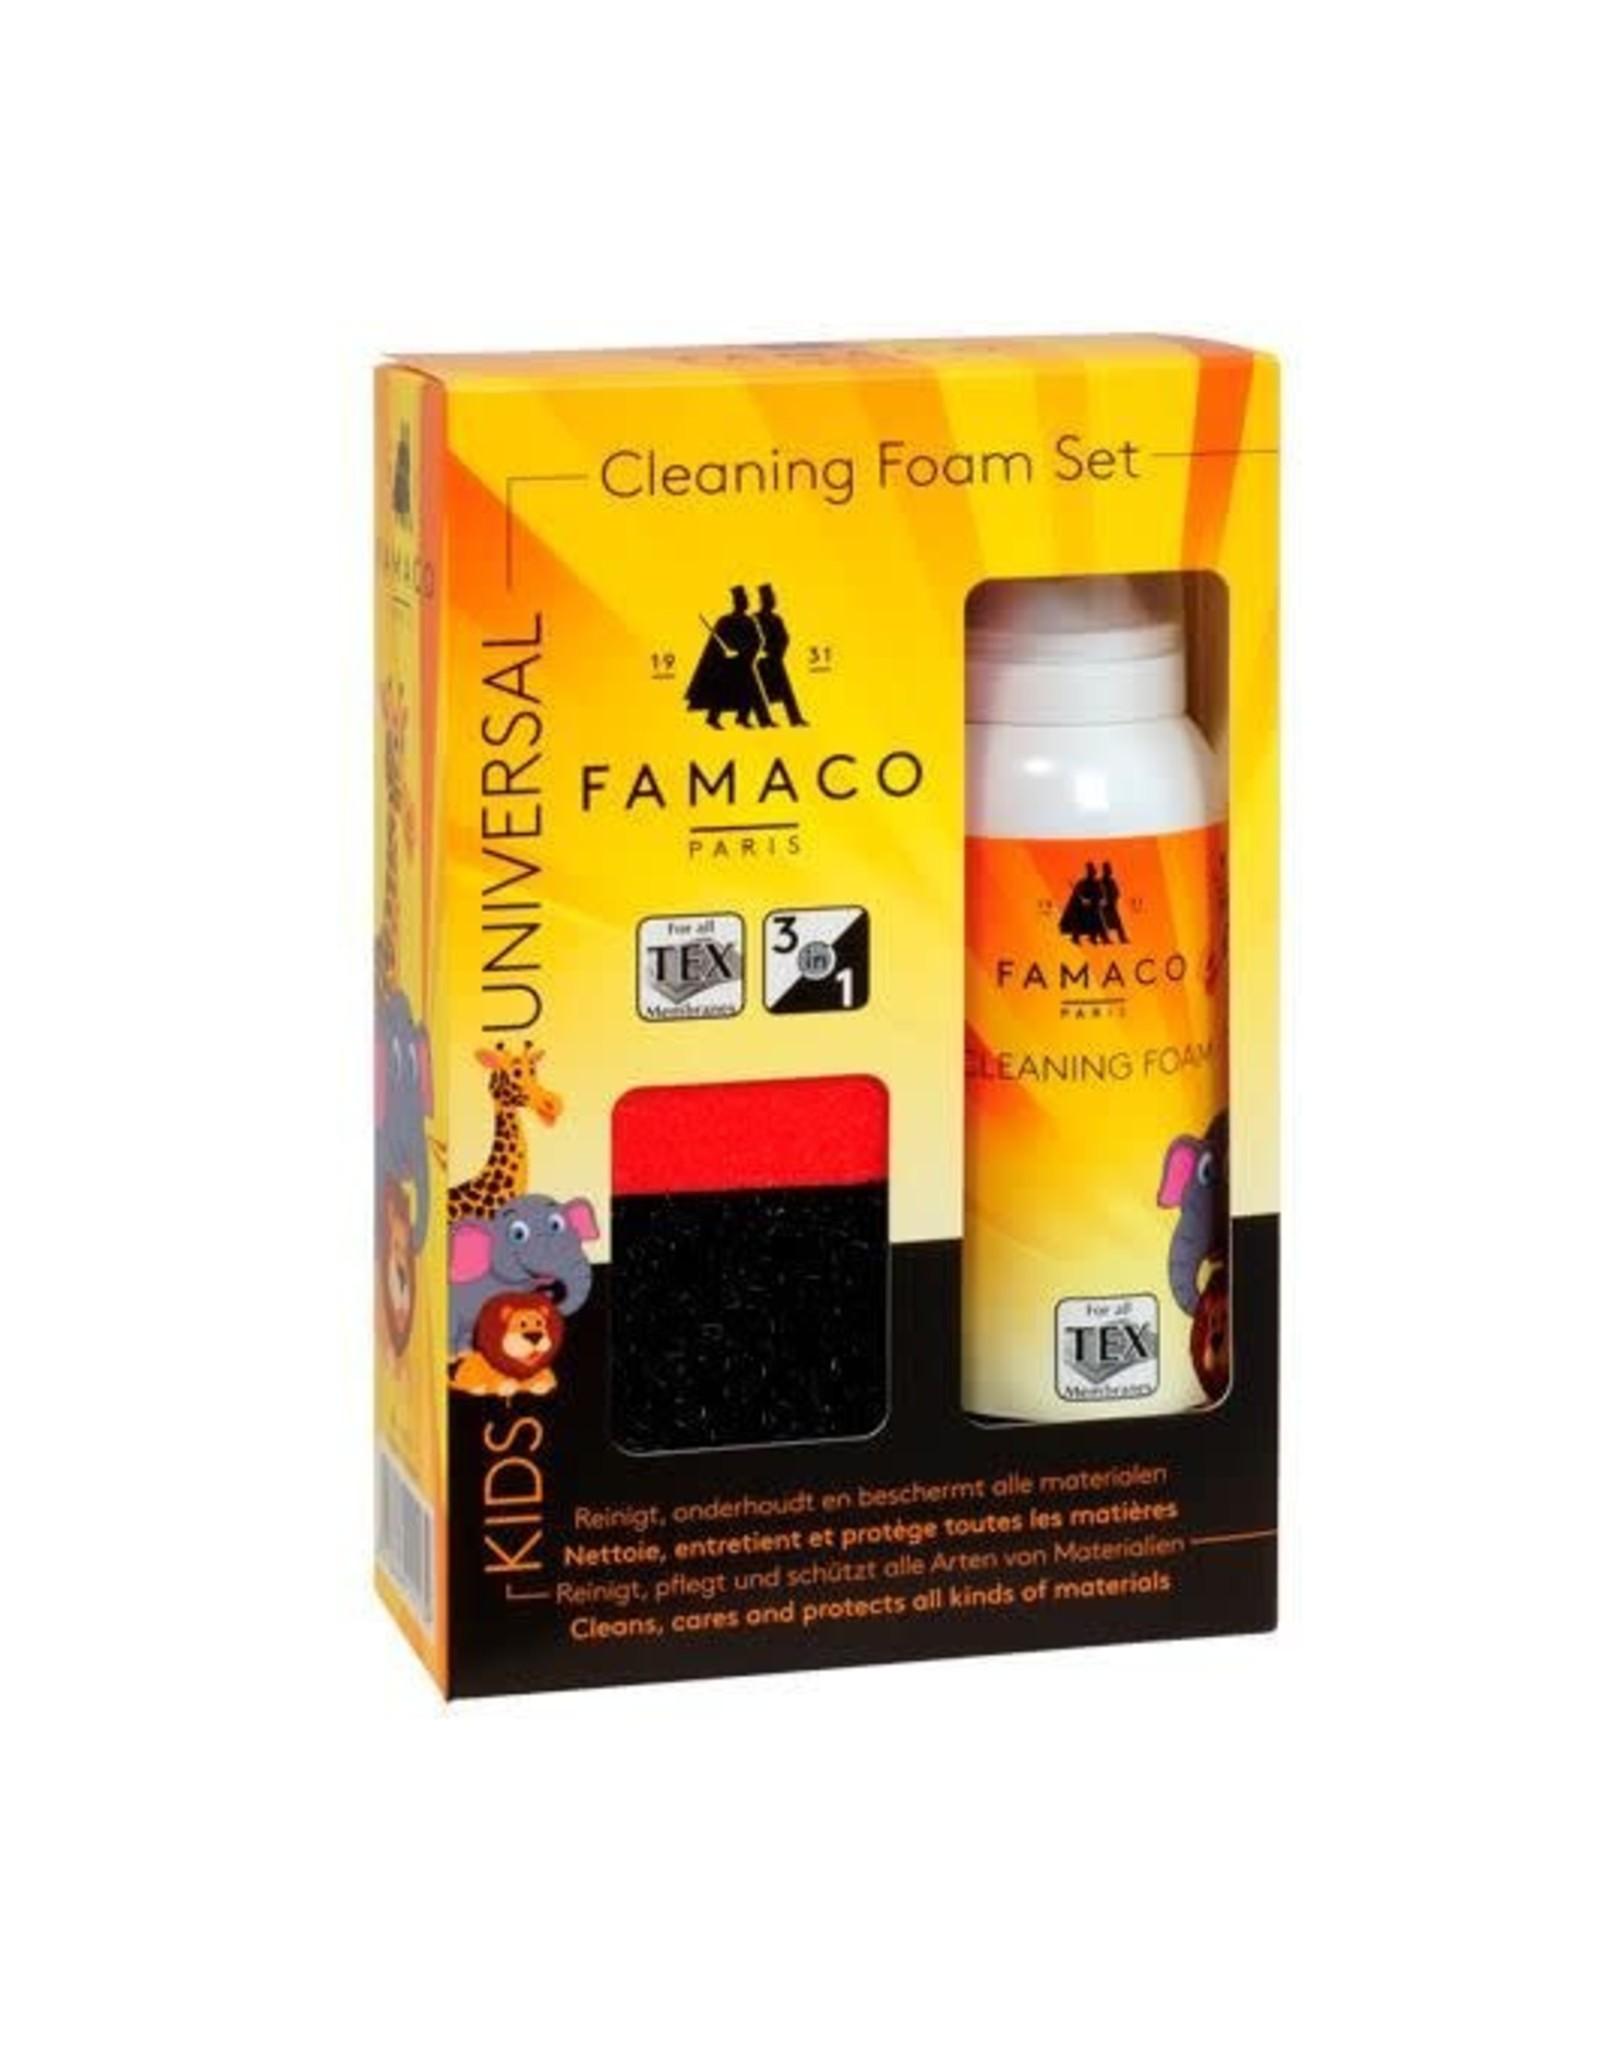 Famaco cleaning foam set KIDS